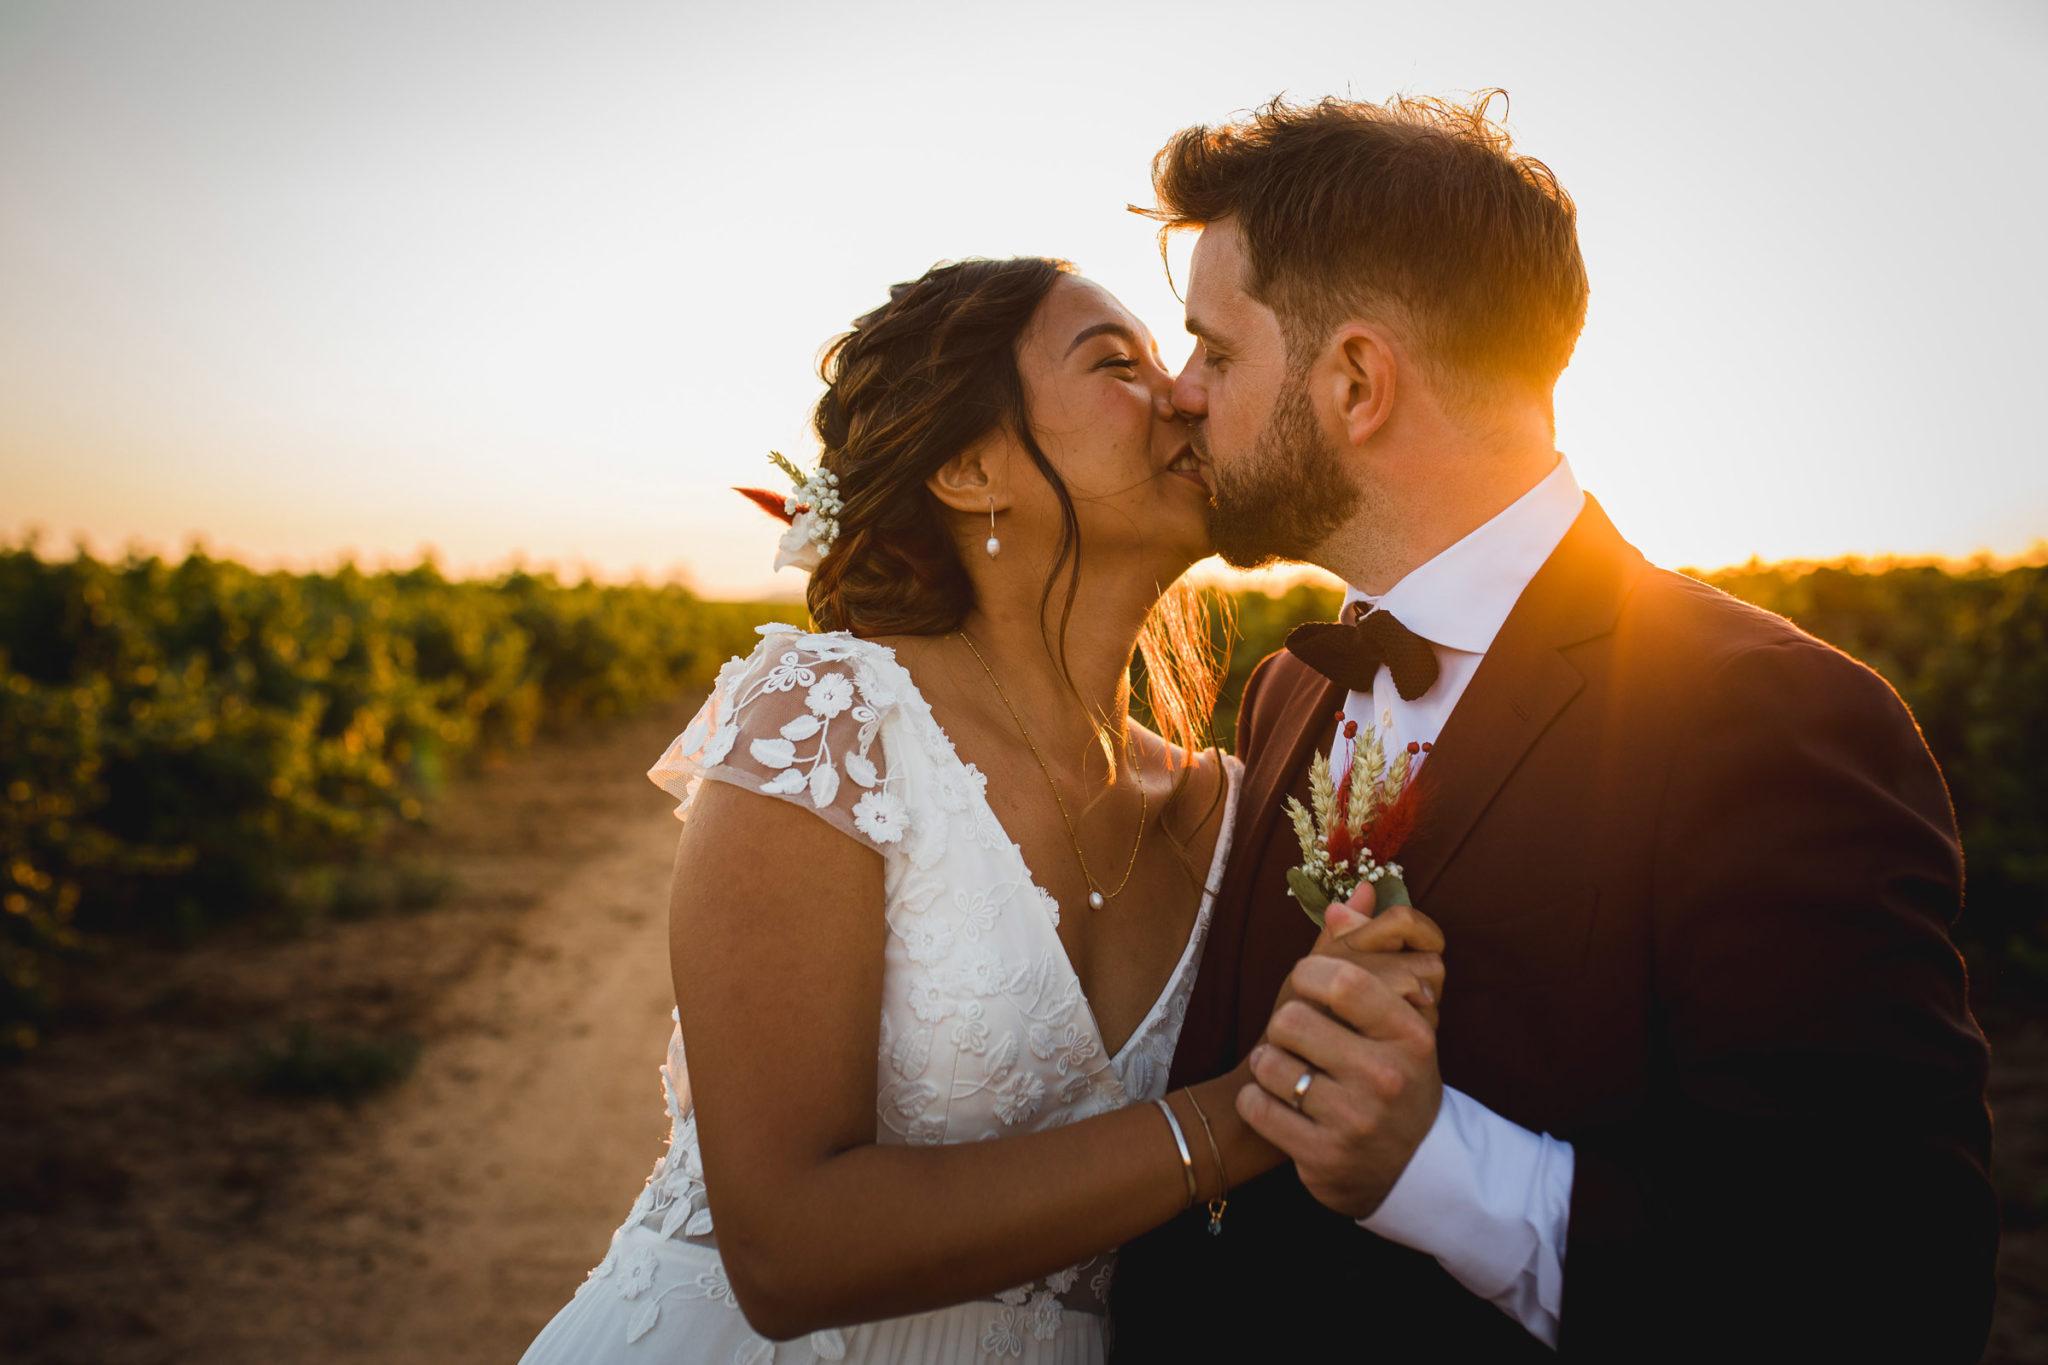 Les mariés s'embrassent devant un coucher de soleil